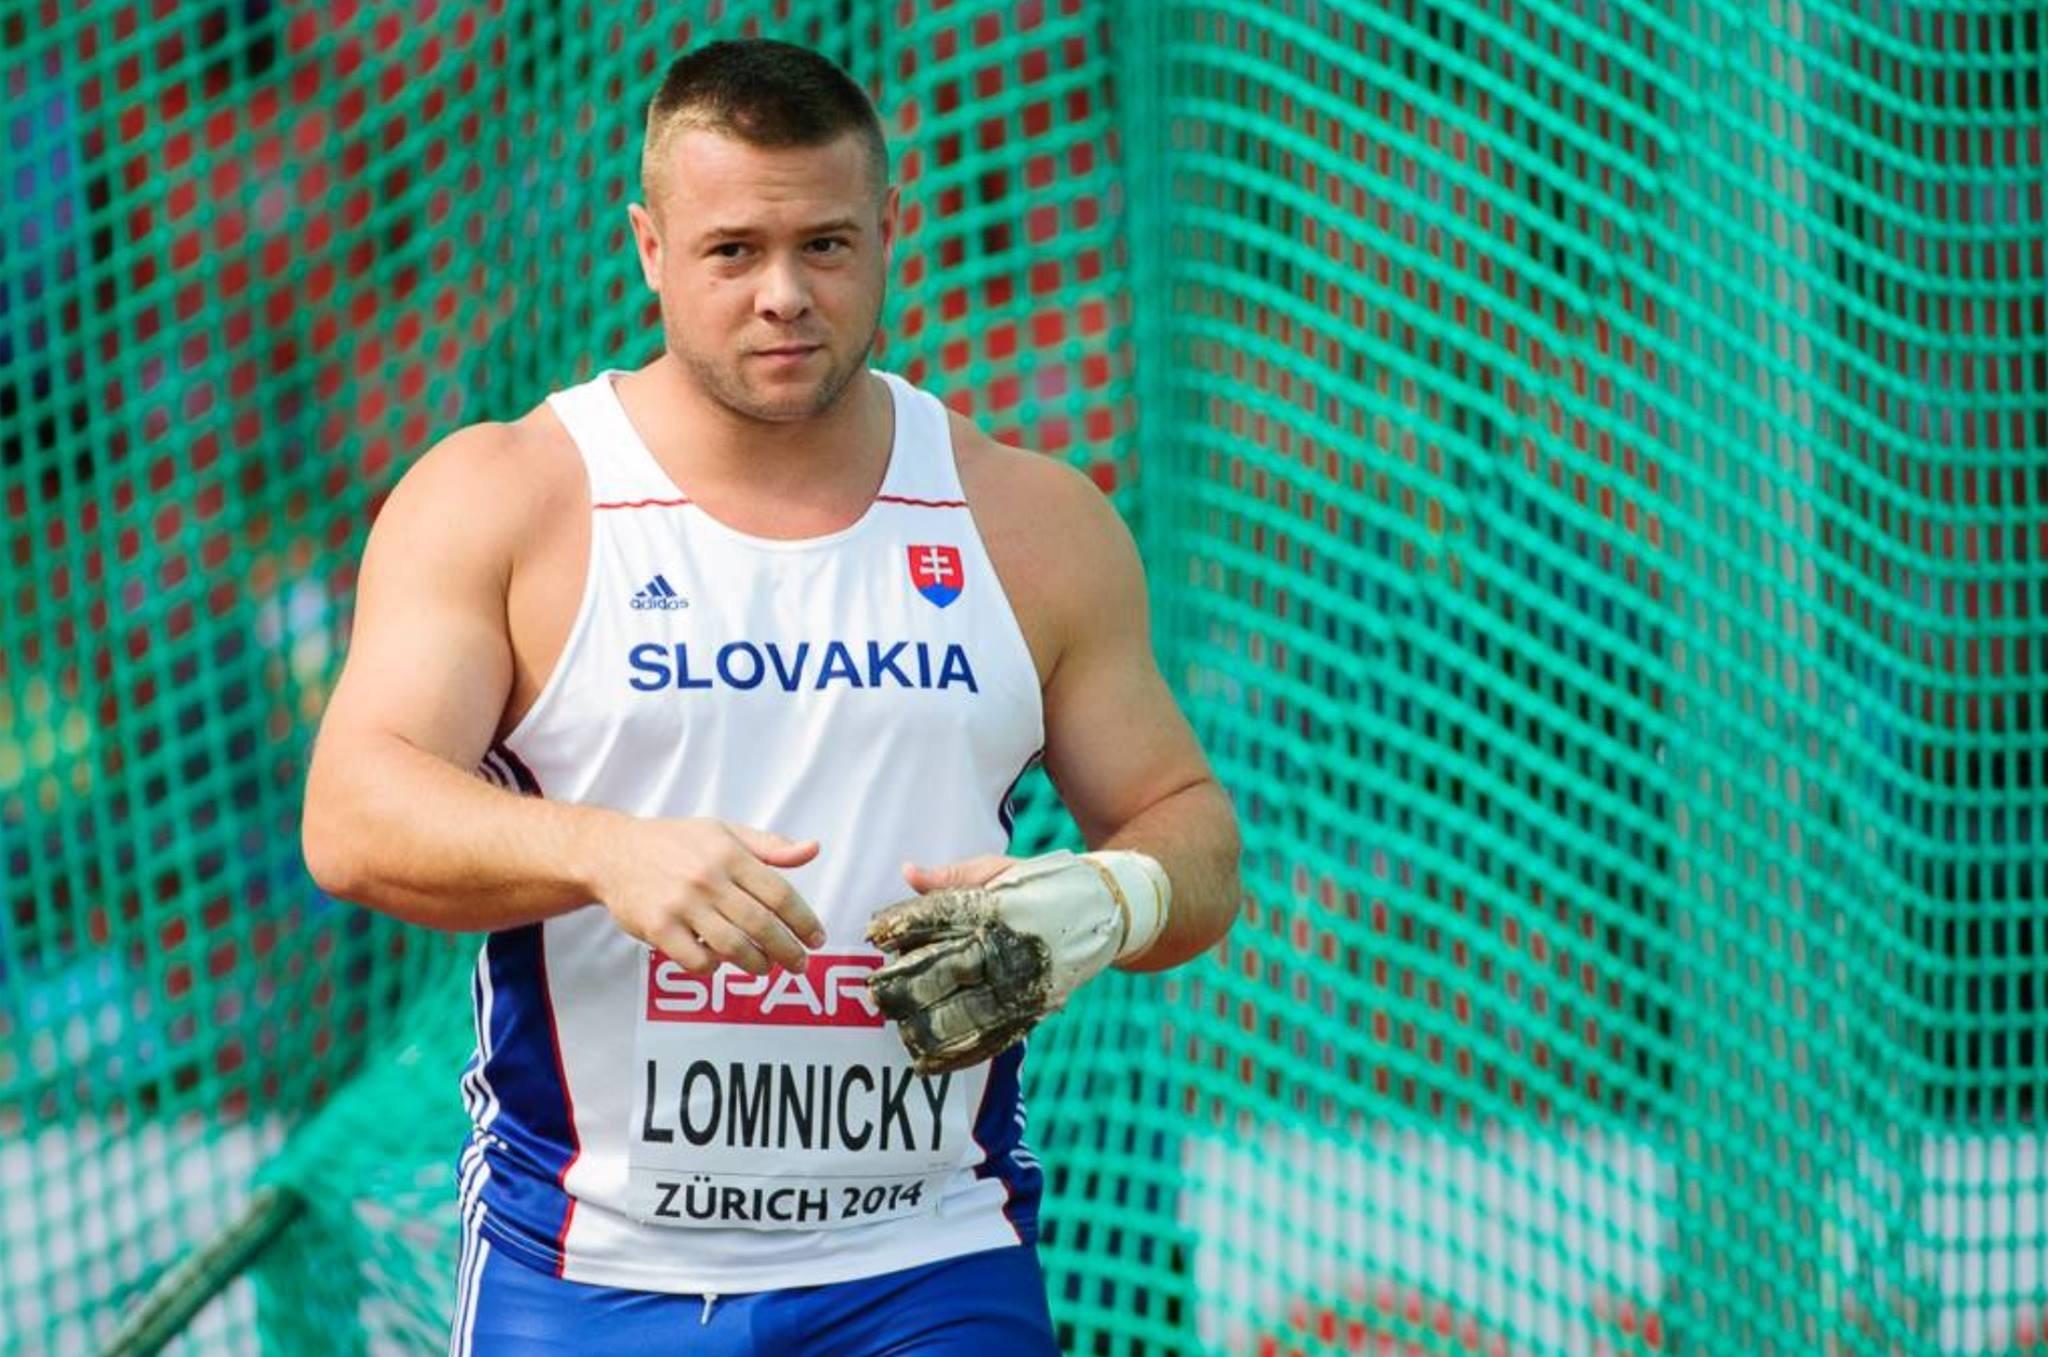 Marcel Lomnický